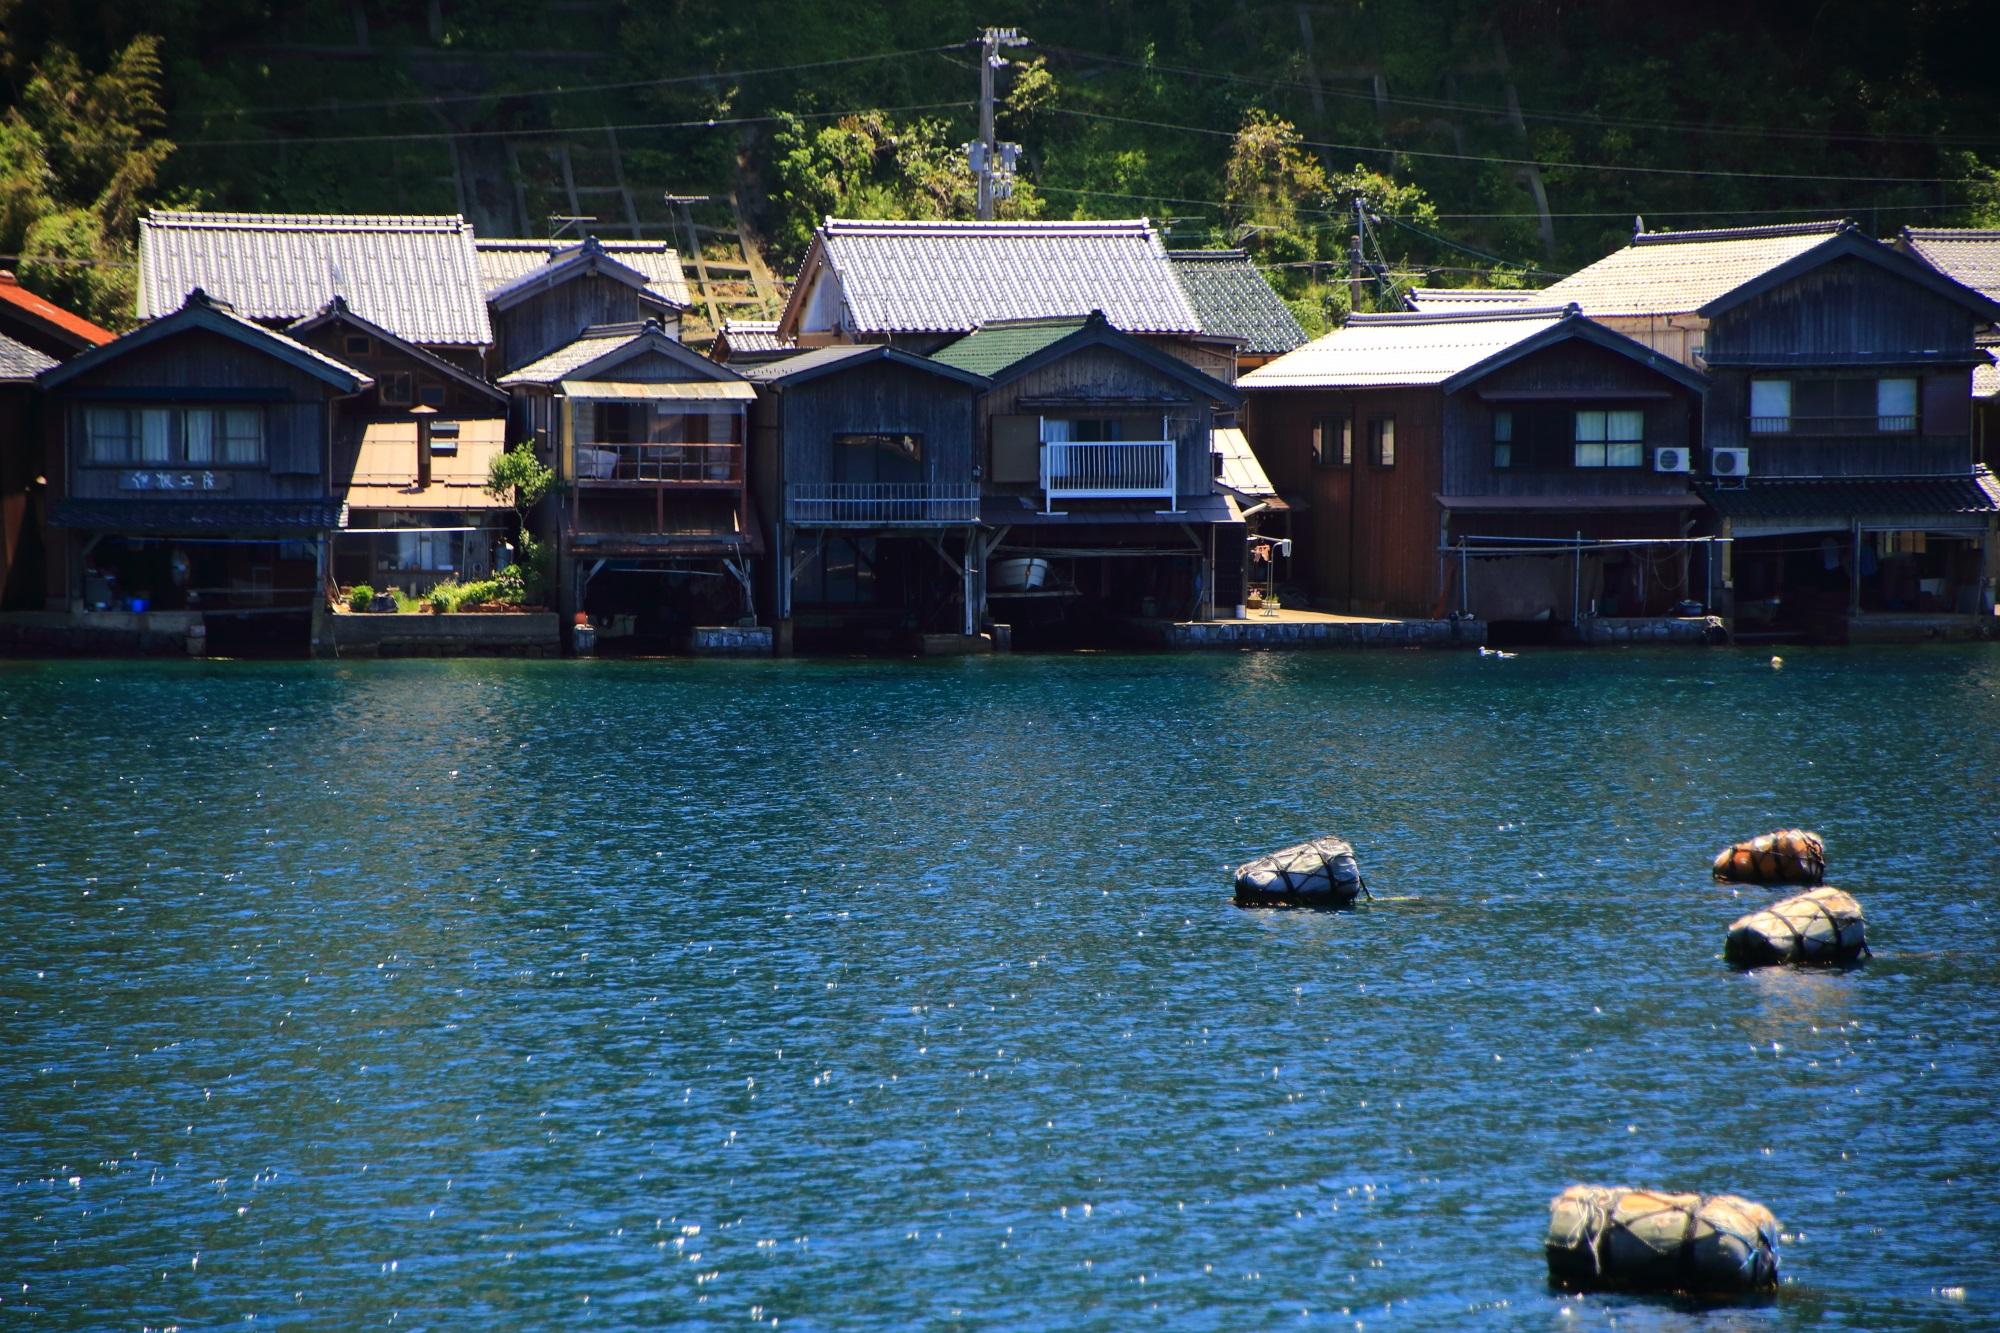 風情溢れる独特の伊根の舟屋